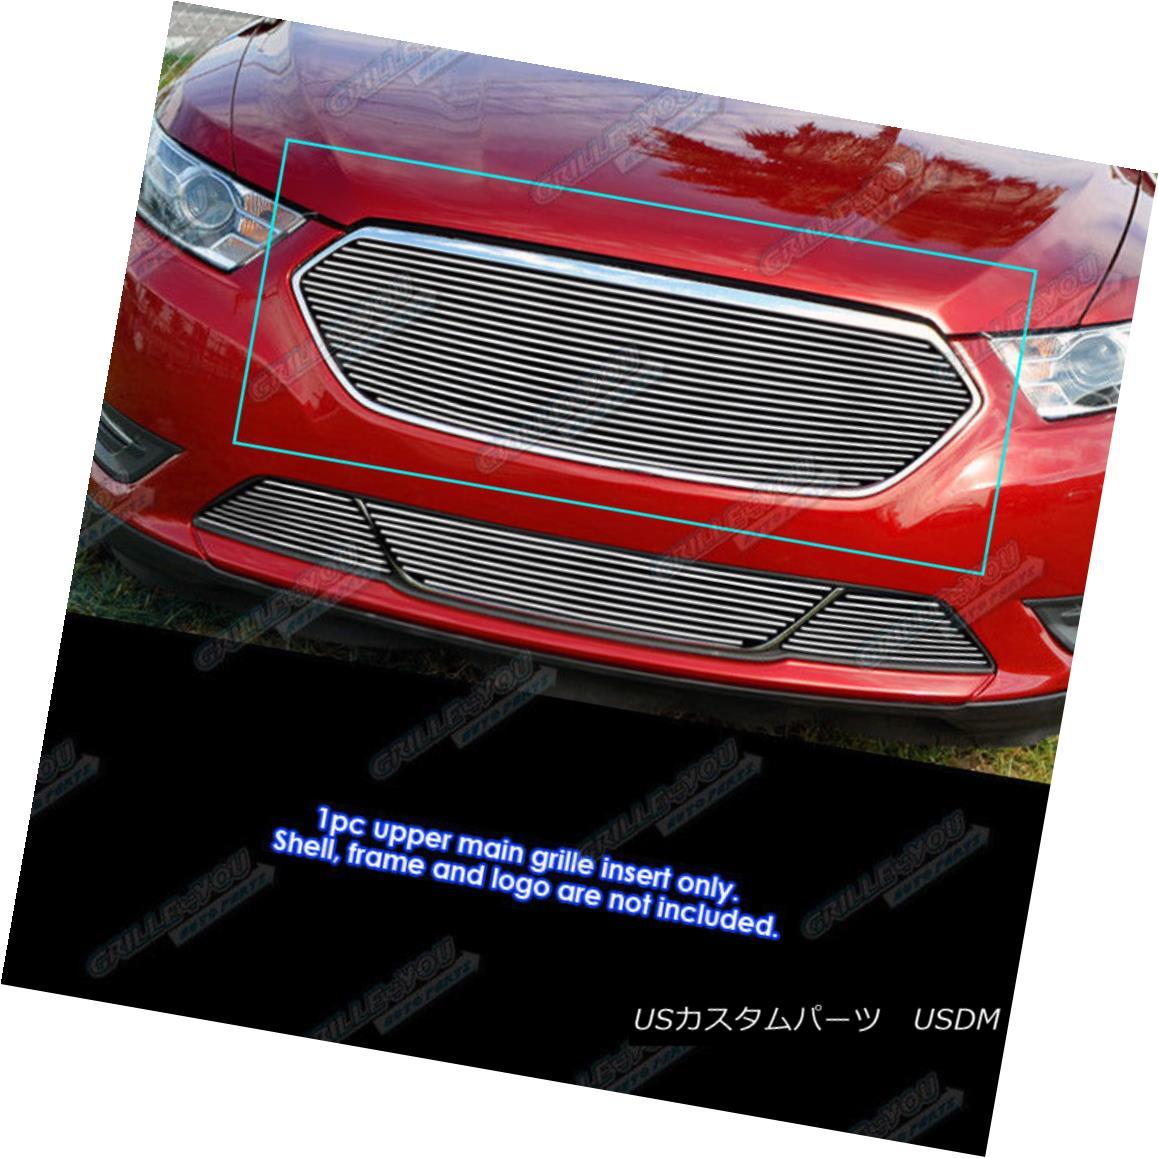 グリル Fits 2013-2017 Ford Taurus SHO Logo Cover Billet Grille Insert 2013-2017 Ford Taurus SHOロゴカバービレットグリルインサート